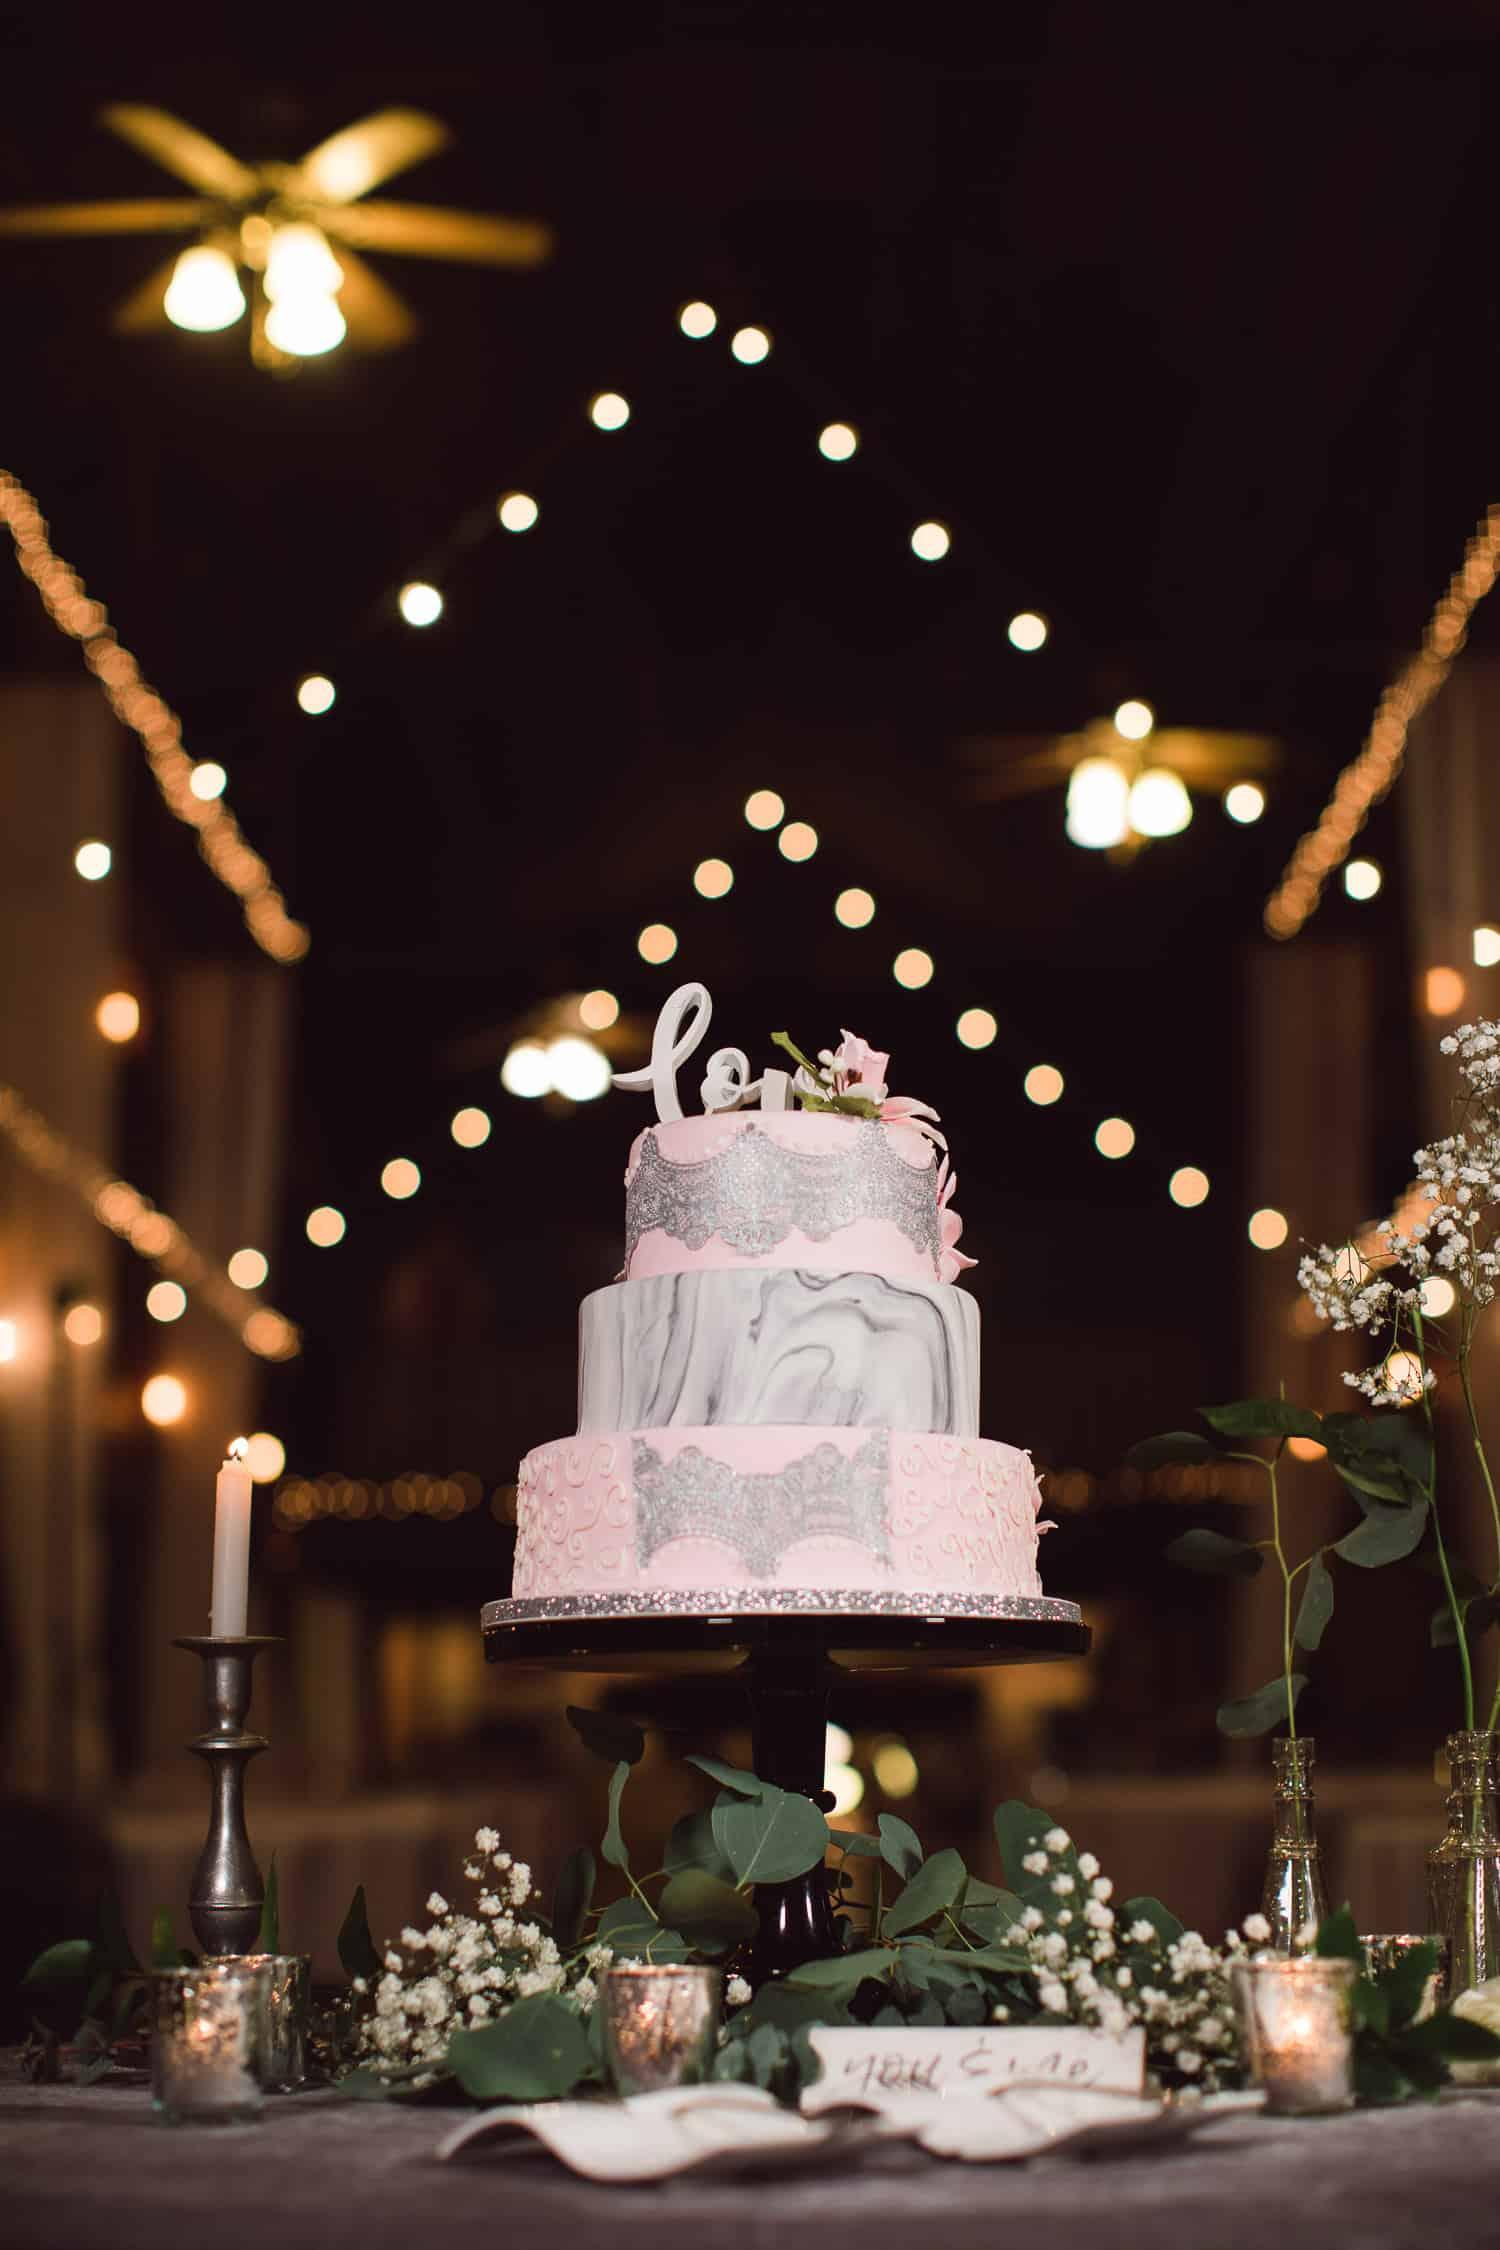 Backwoods 222 wedding sweet tooth wedding cake